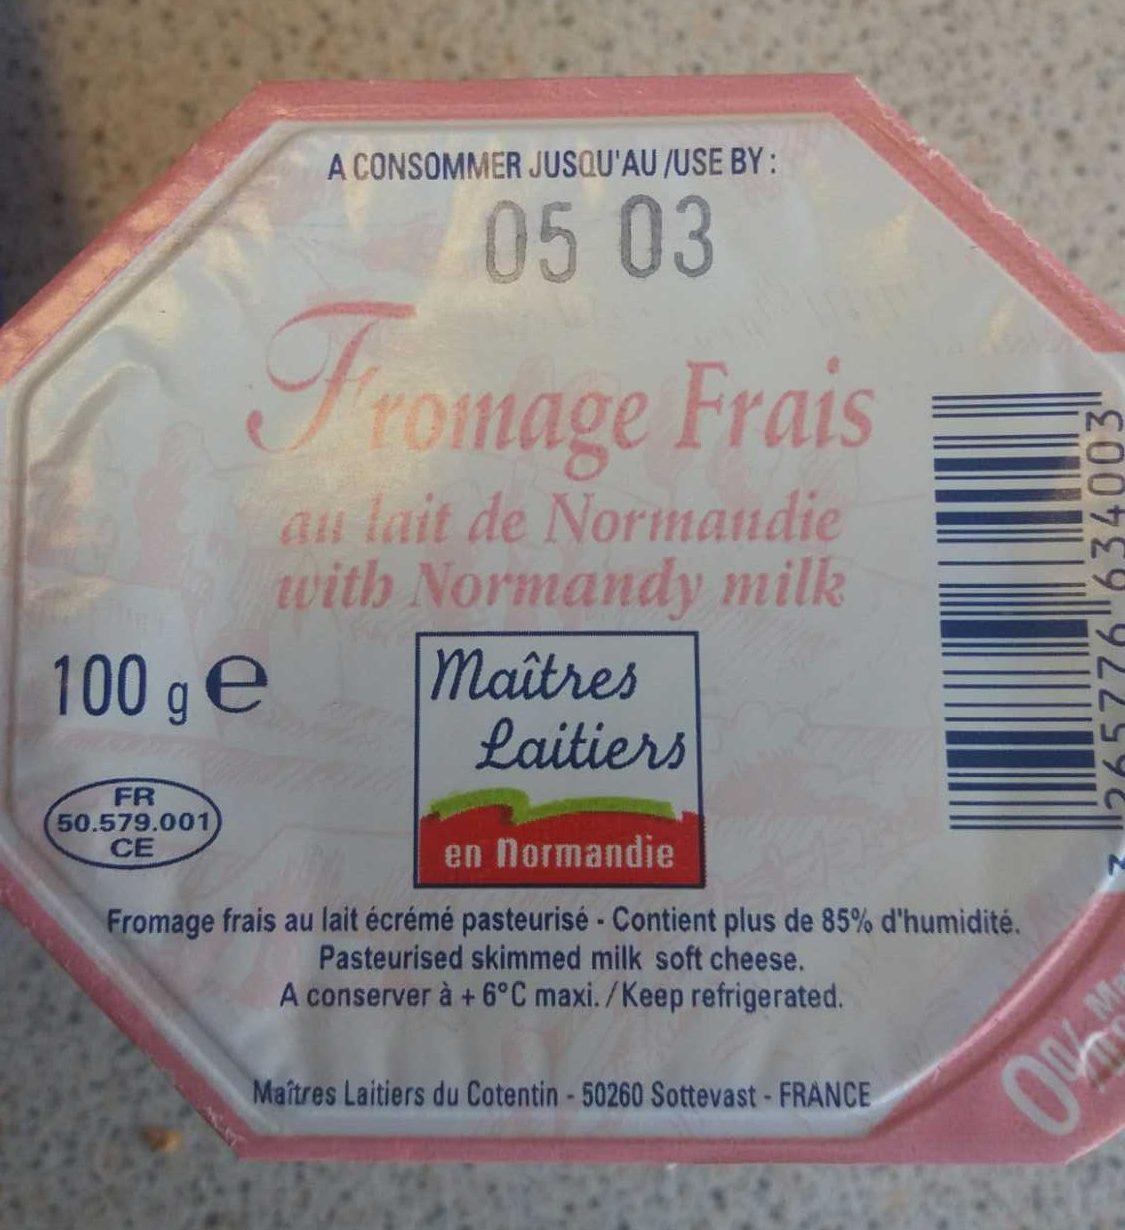 Fromage frais au lait de Normandie 0% M.G. - Produit - fr